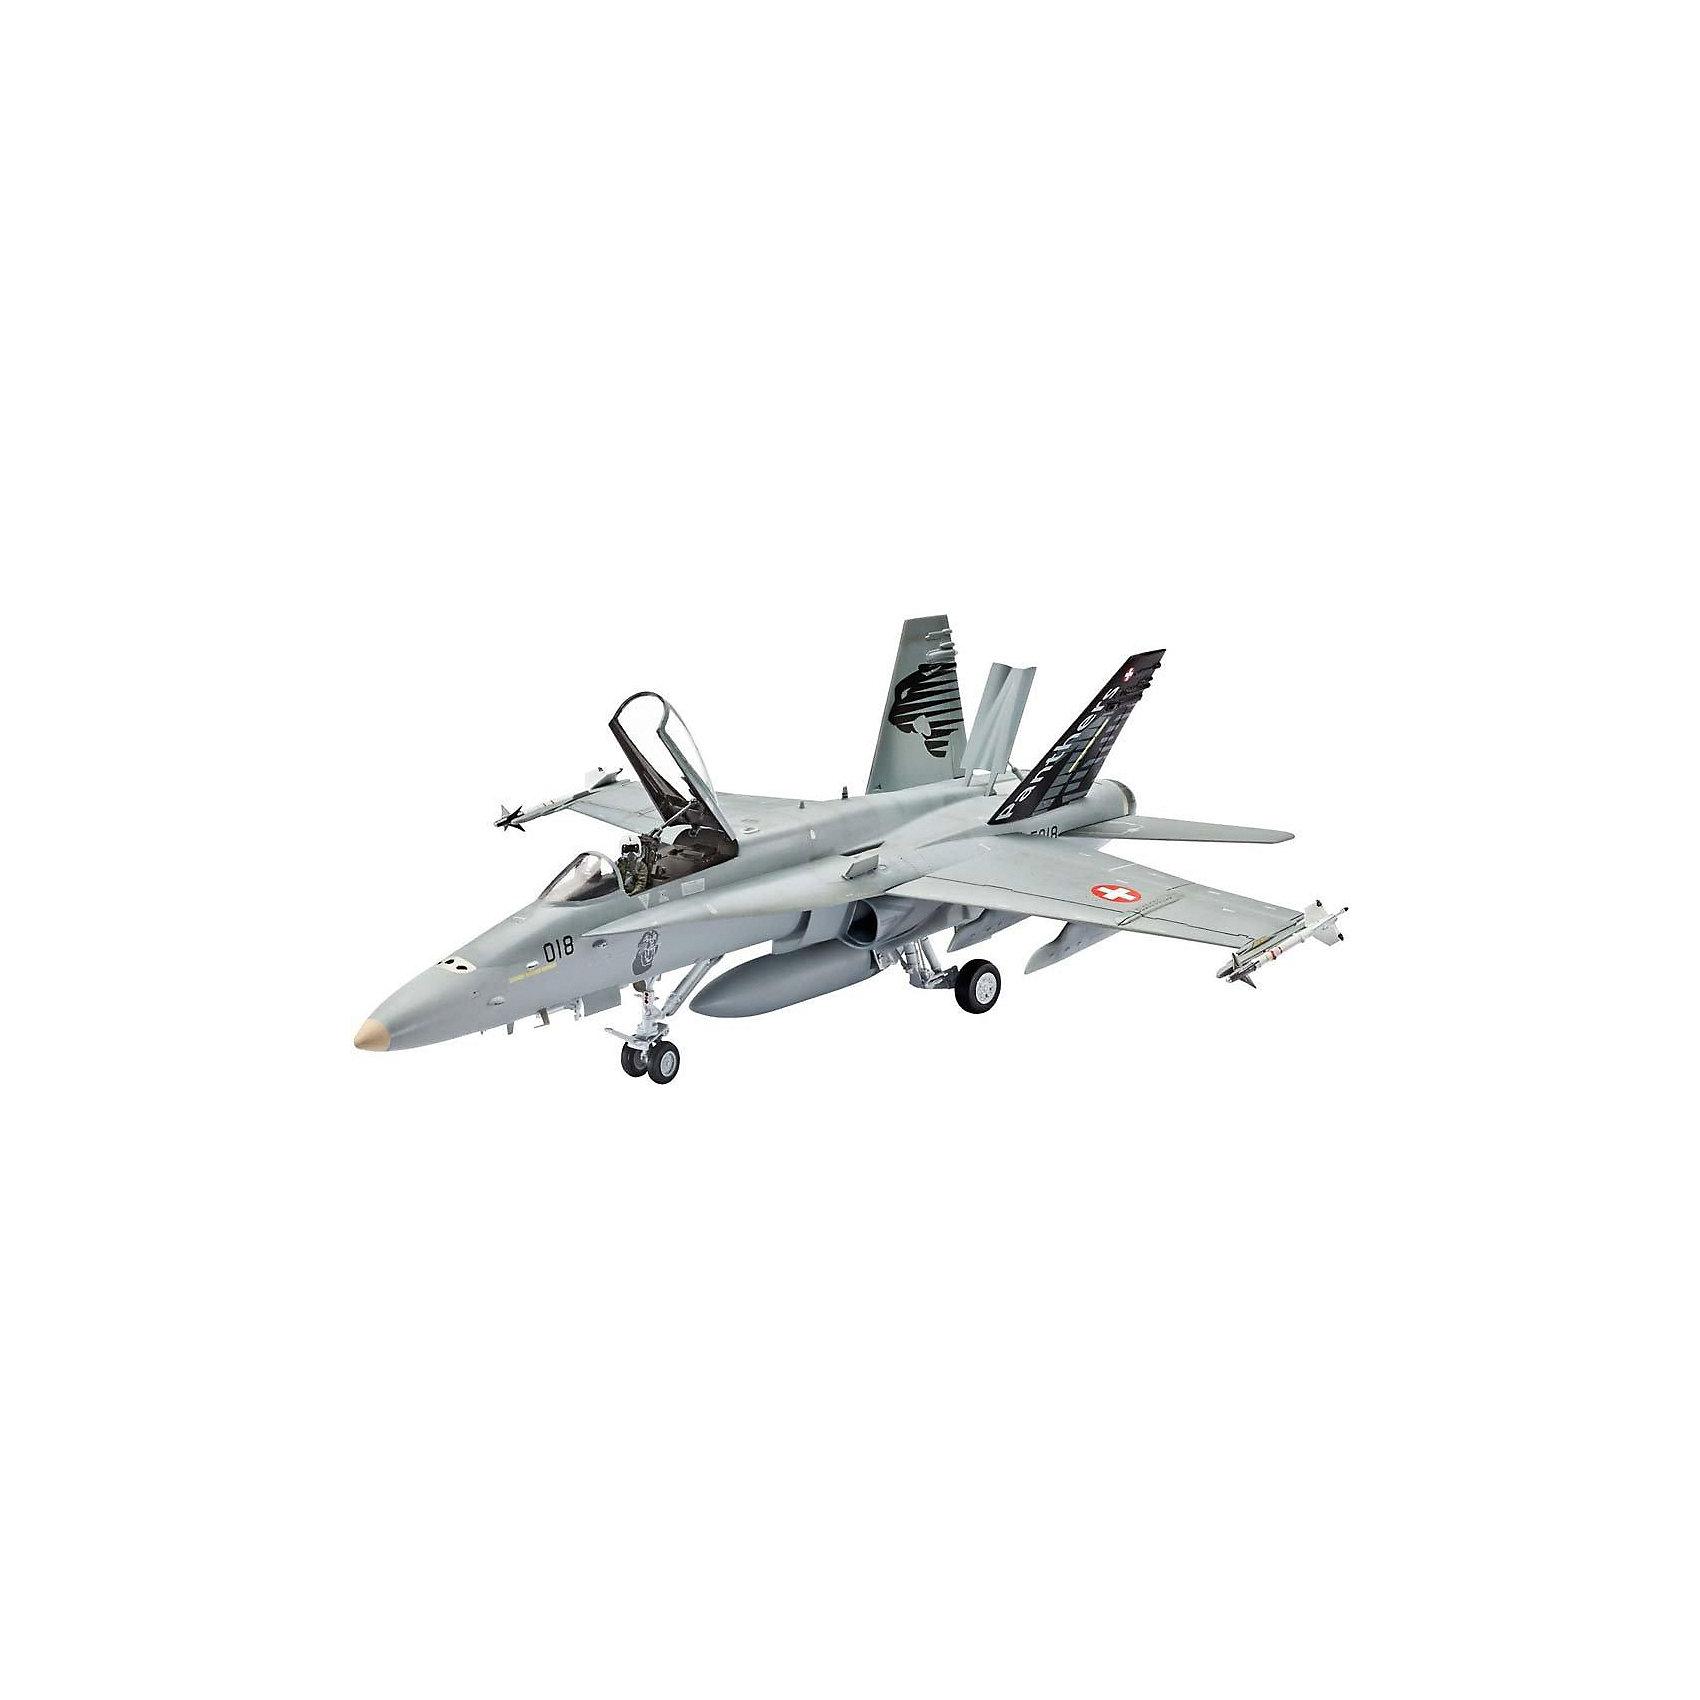 Самолет F/A-18D Hornet Wild WeaselМодели для склеивания<br>Масштаб: 1:144; <br><br>Количество деталей: 52 шт.; <br><br>Длина модели: 117 мм.; <br><br>Размах крыльев: 86 мм; <br><br>Подойдет для детей старше 10-и лет. <br><br>Модель самолета F-A-18D Hornet Wild Weasel является уменьшенной копией одноименного истребителя, впервые выпущенного в США  в 1987 году. <br><br>Технические характеристики настоящего самолета:  <br><br>Мощность двигателя: 2х79000 N; <br><br>Максимальная скорость 2517 км/ч. <br><br>ВНИМАНИЕ: Клей, краски и кисточки продаются отдельно.<br><br>Ширина мм: 207<br>Глубина мм: 132<br>Высота мм: 34<br>Вес г: 238<br>Возраст от месяцев: 144<br>Возраст до месяцев: 1188<br>Пол: Мужской<br>Возраст: Детский<br>SKU: 2149872